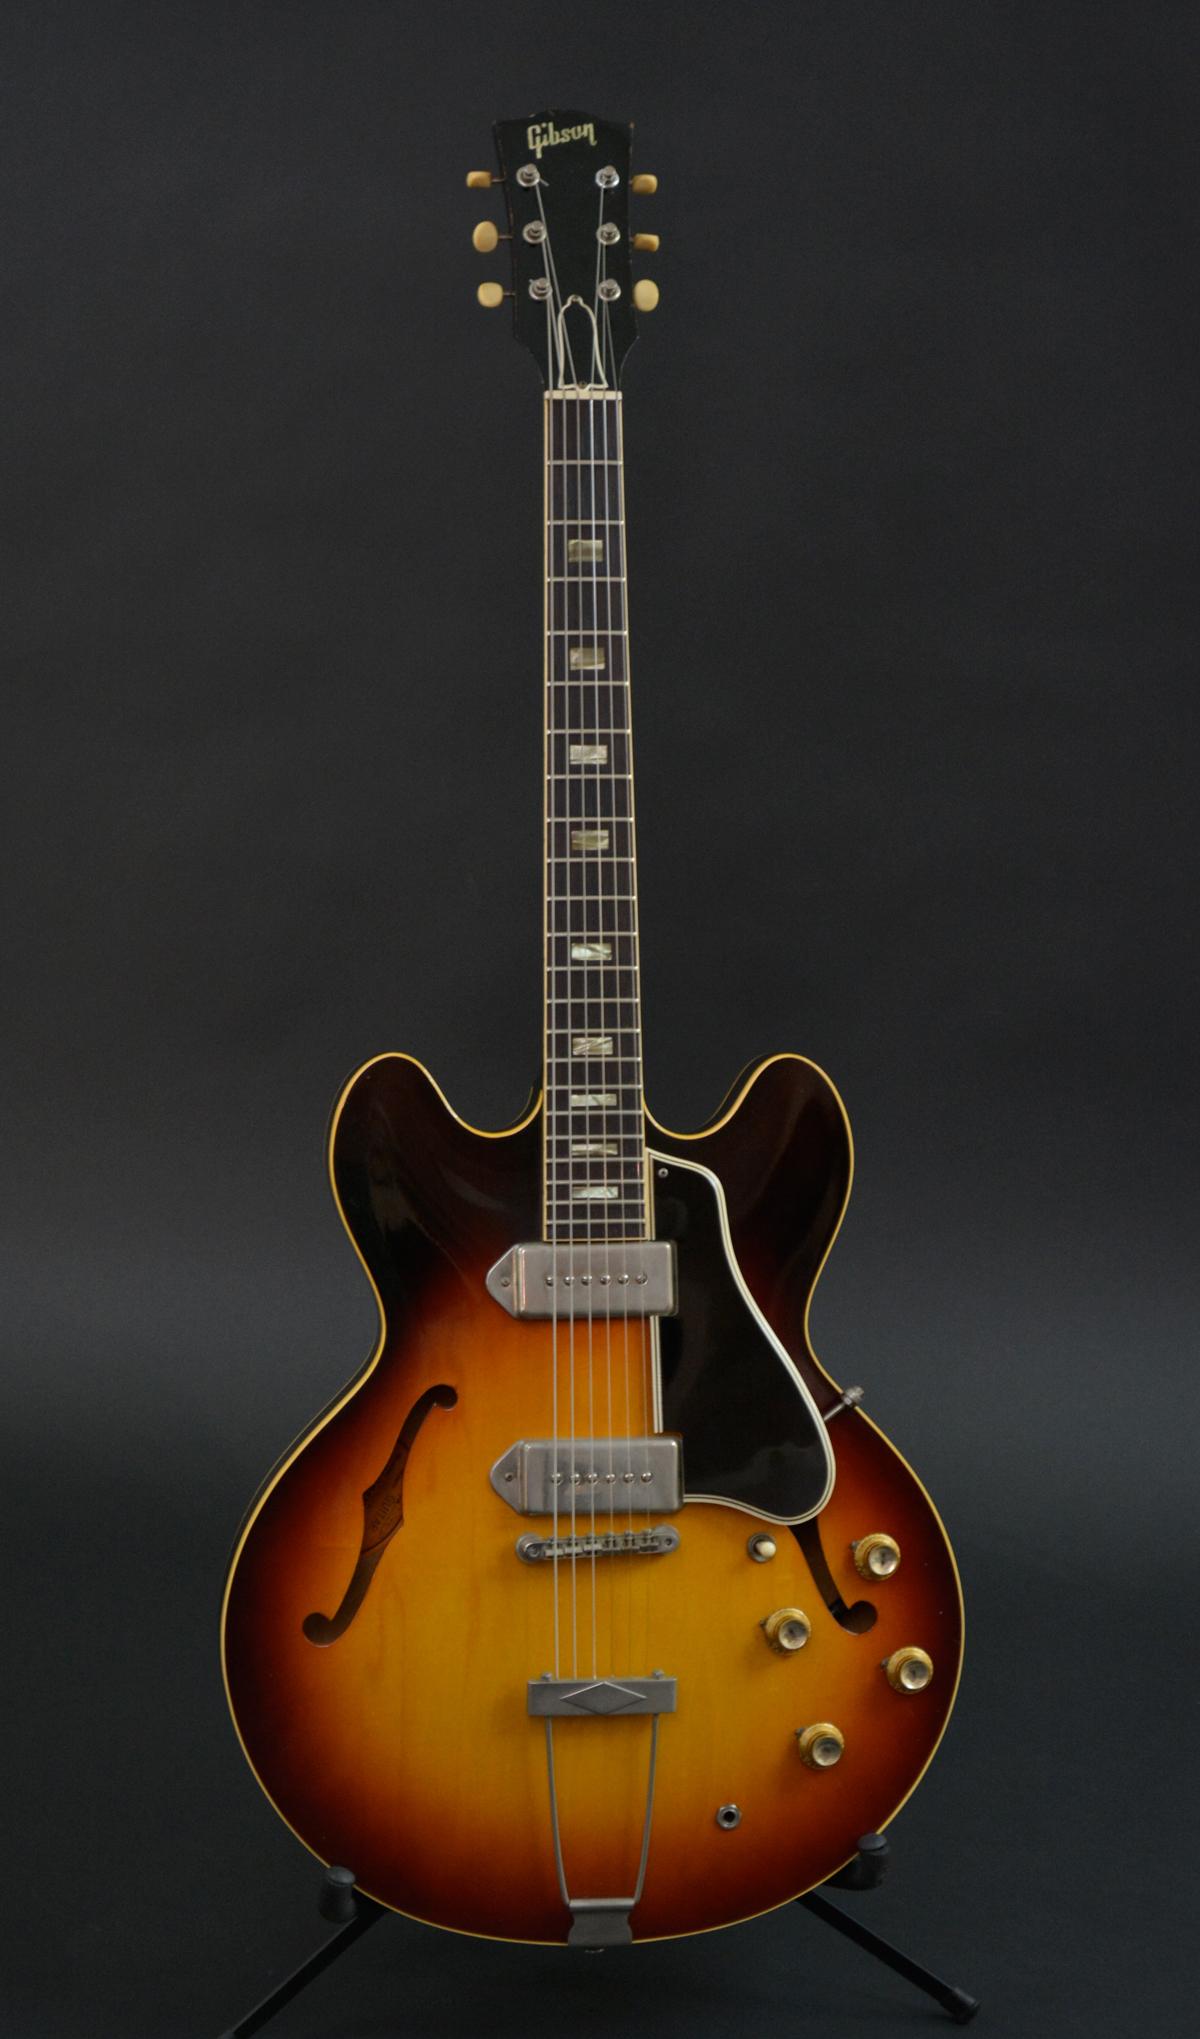 1964 gibson es 330 voltage guitar. Black Bedroom Furniture Sets. Home Design Ideas